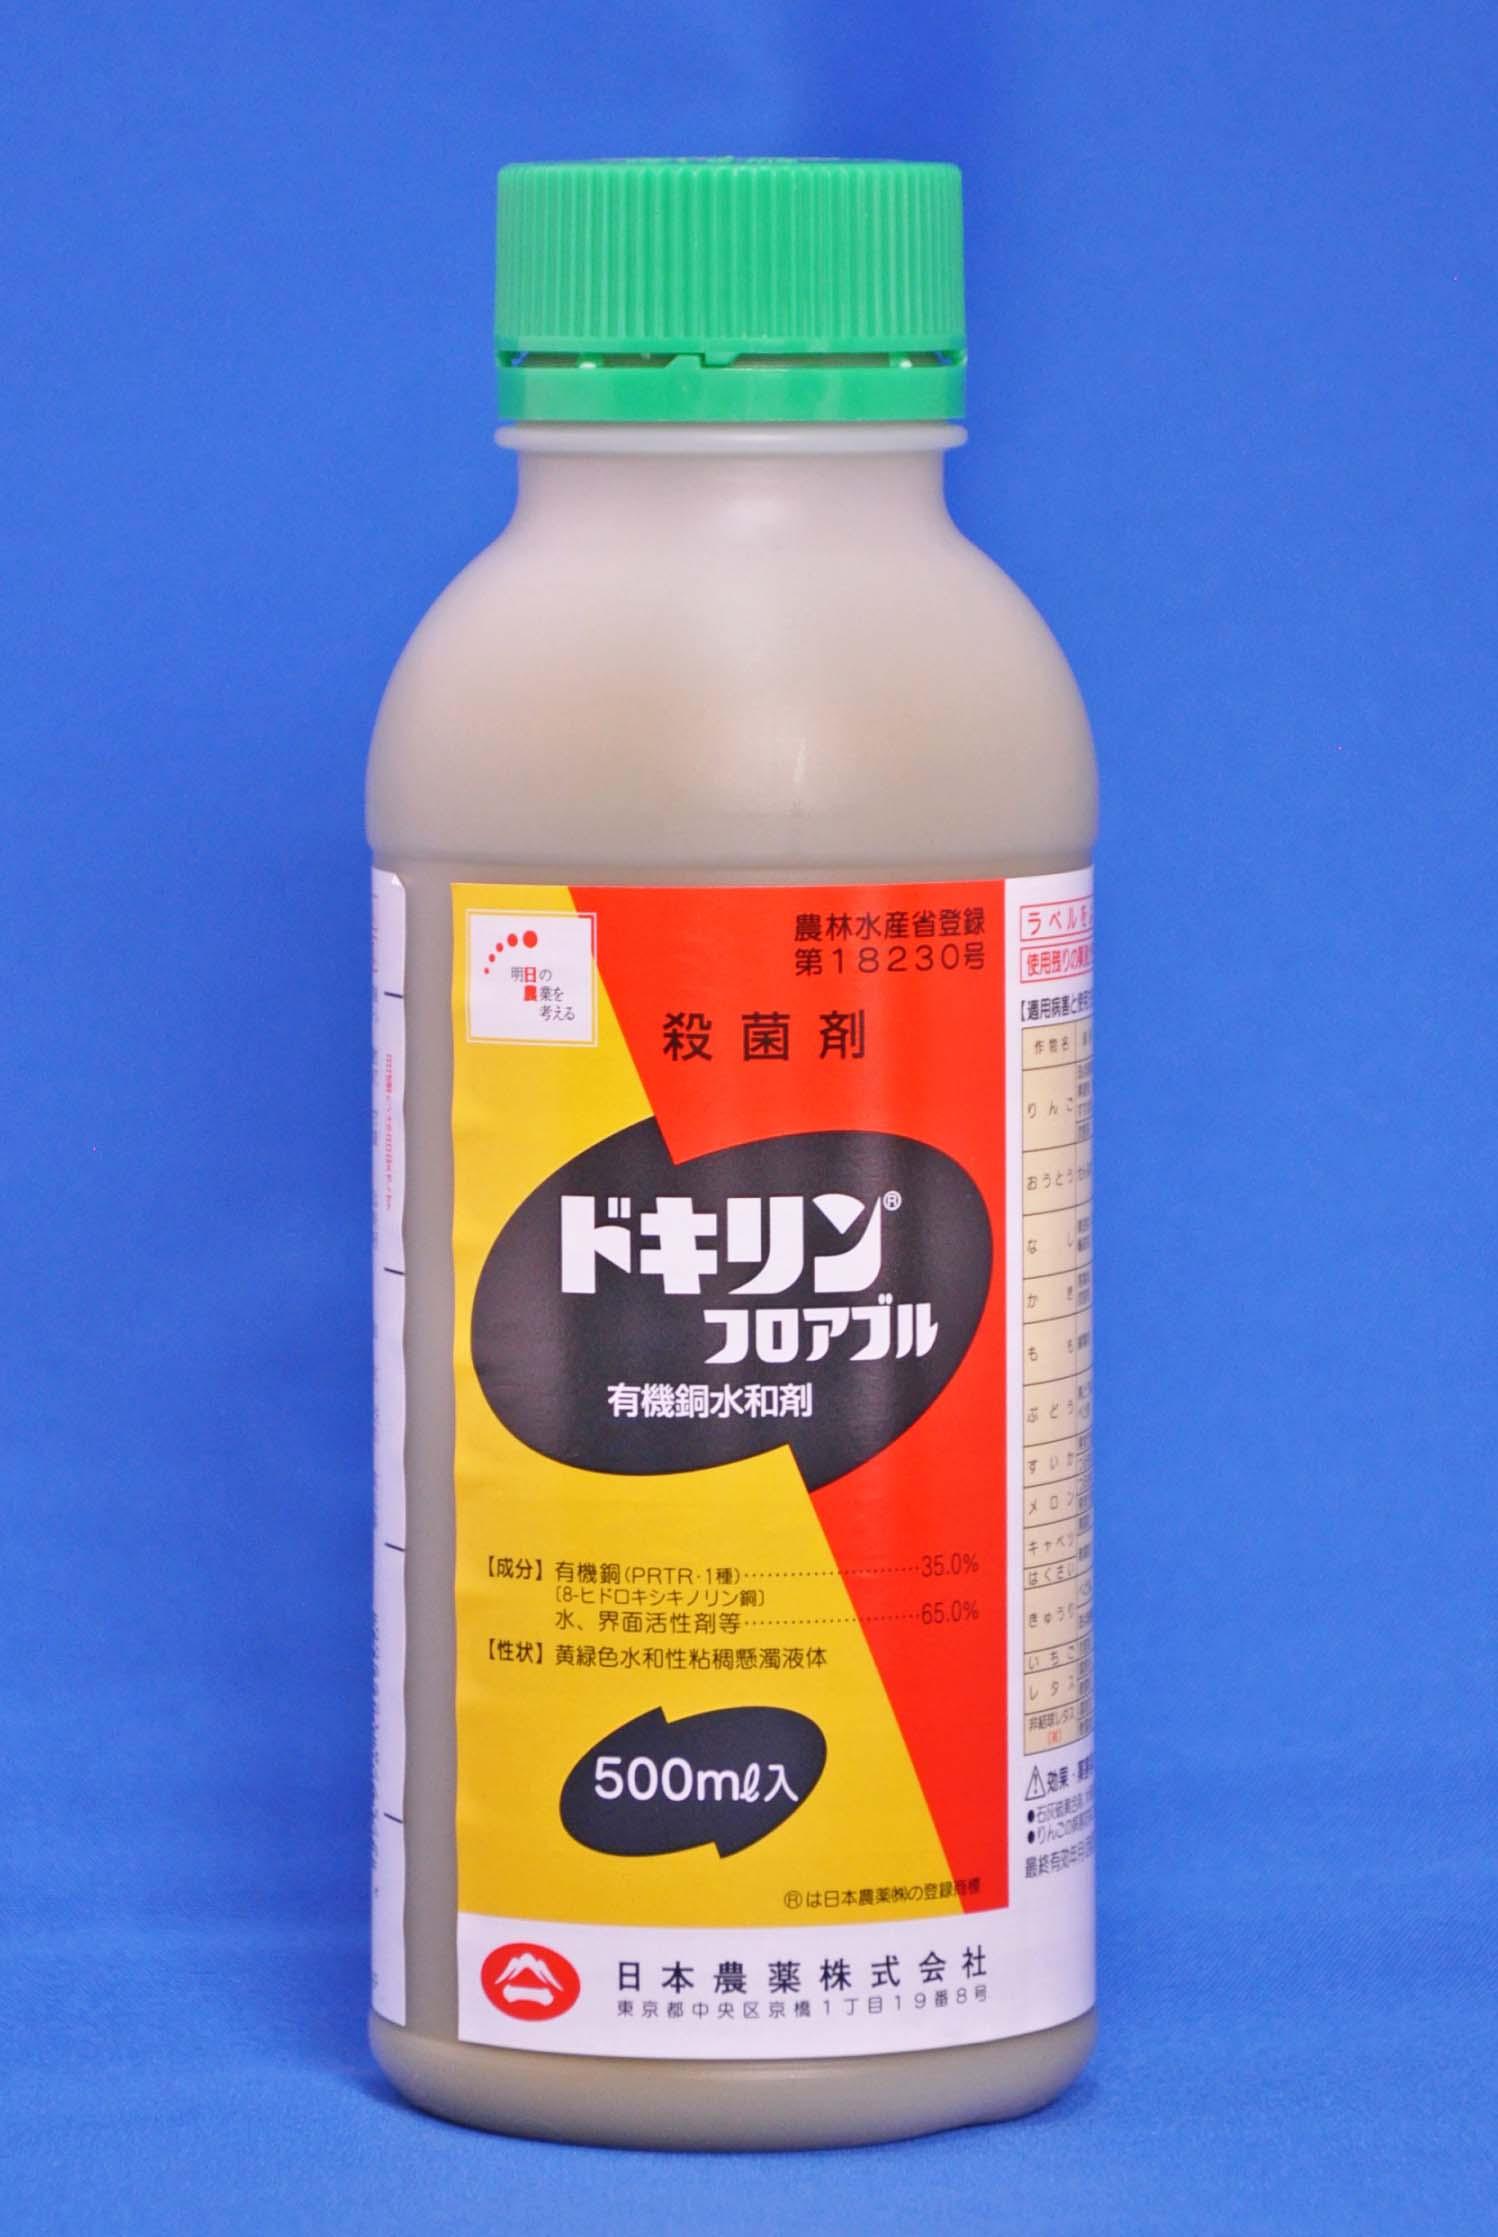 有機銅水和剤「ドキリンフロアブル 500ml」